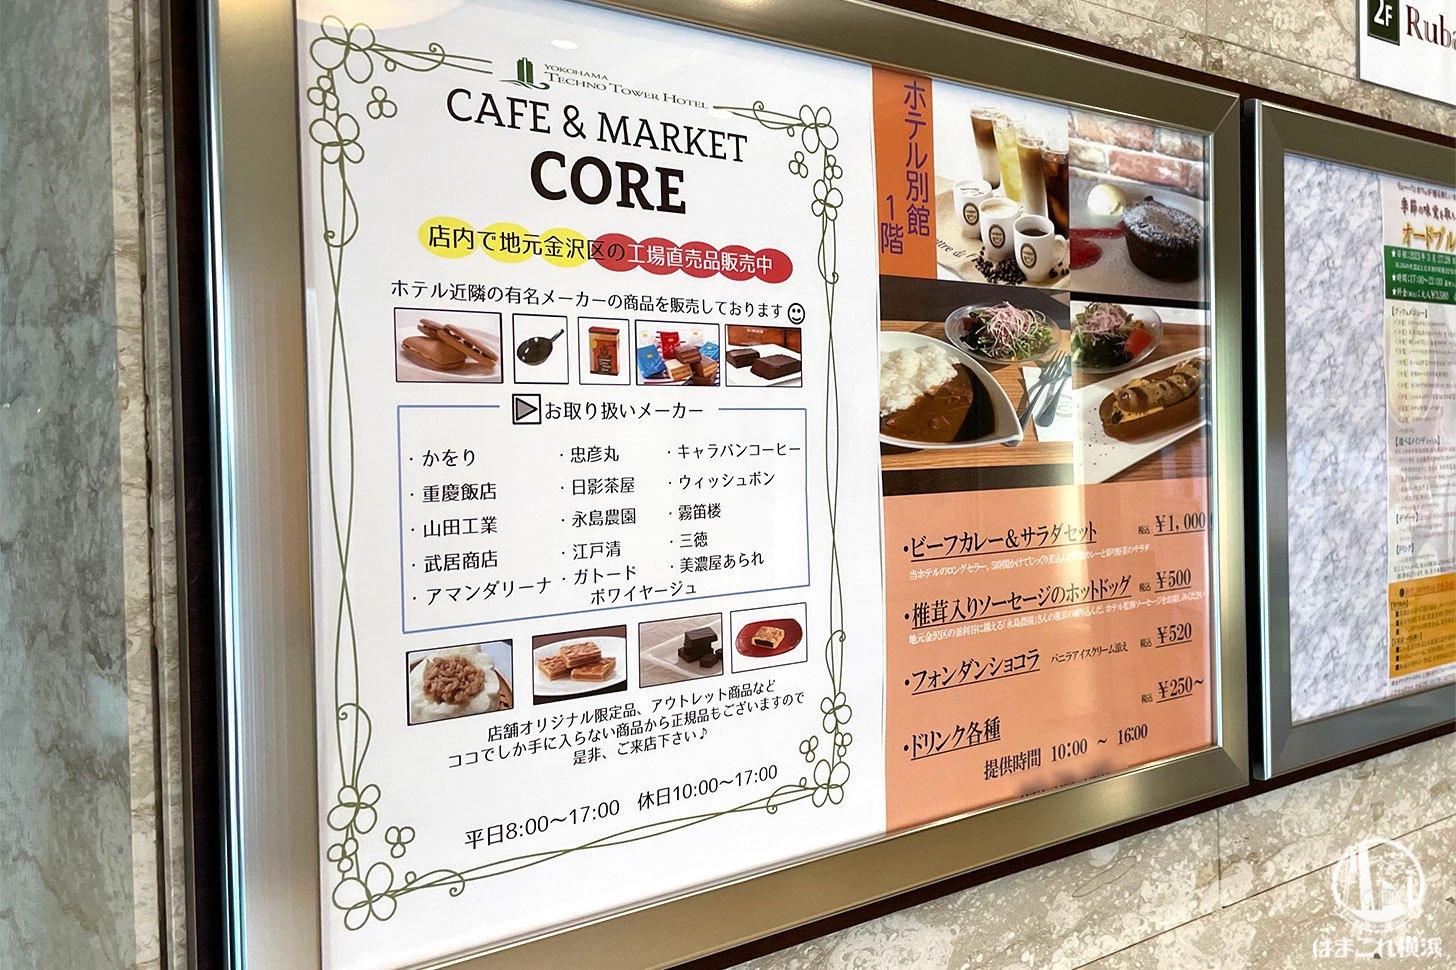 カフェ&マーケットCORE 直売所メーカー